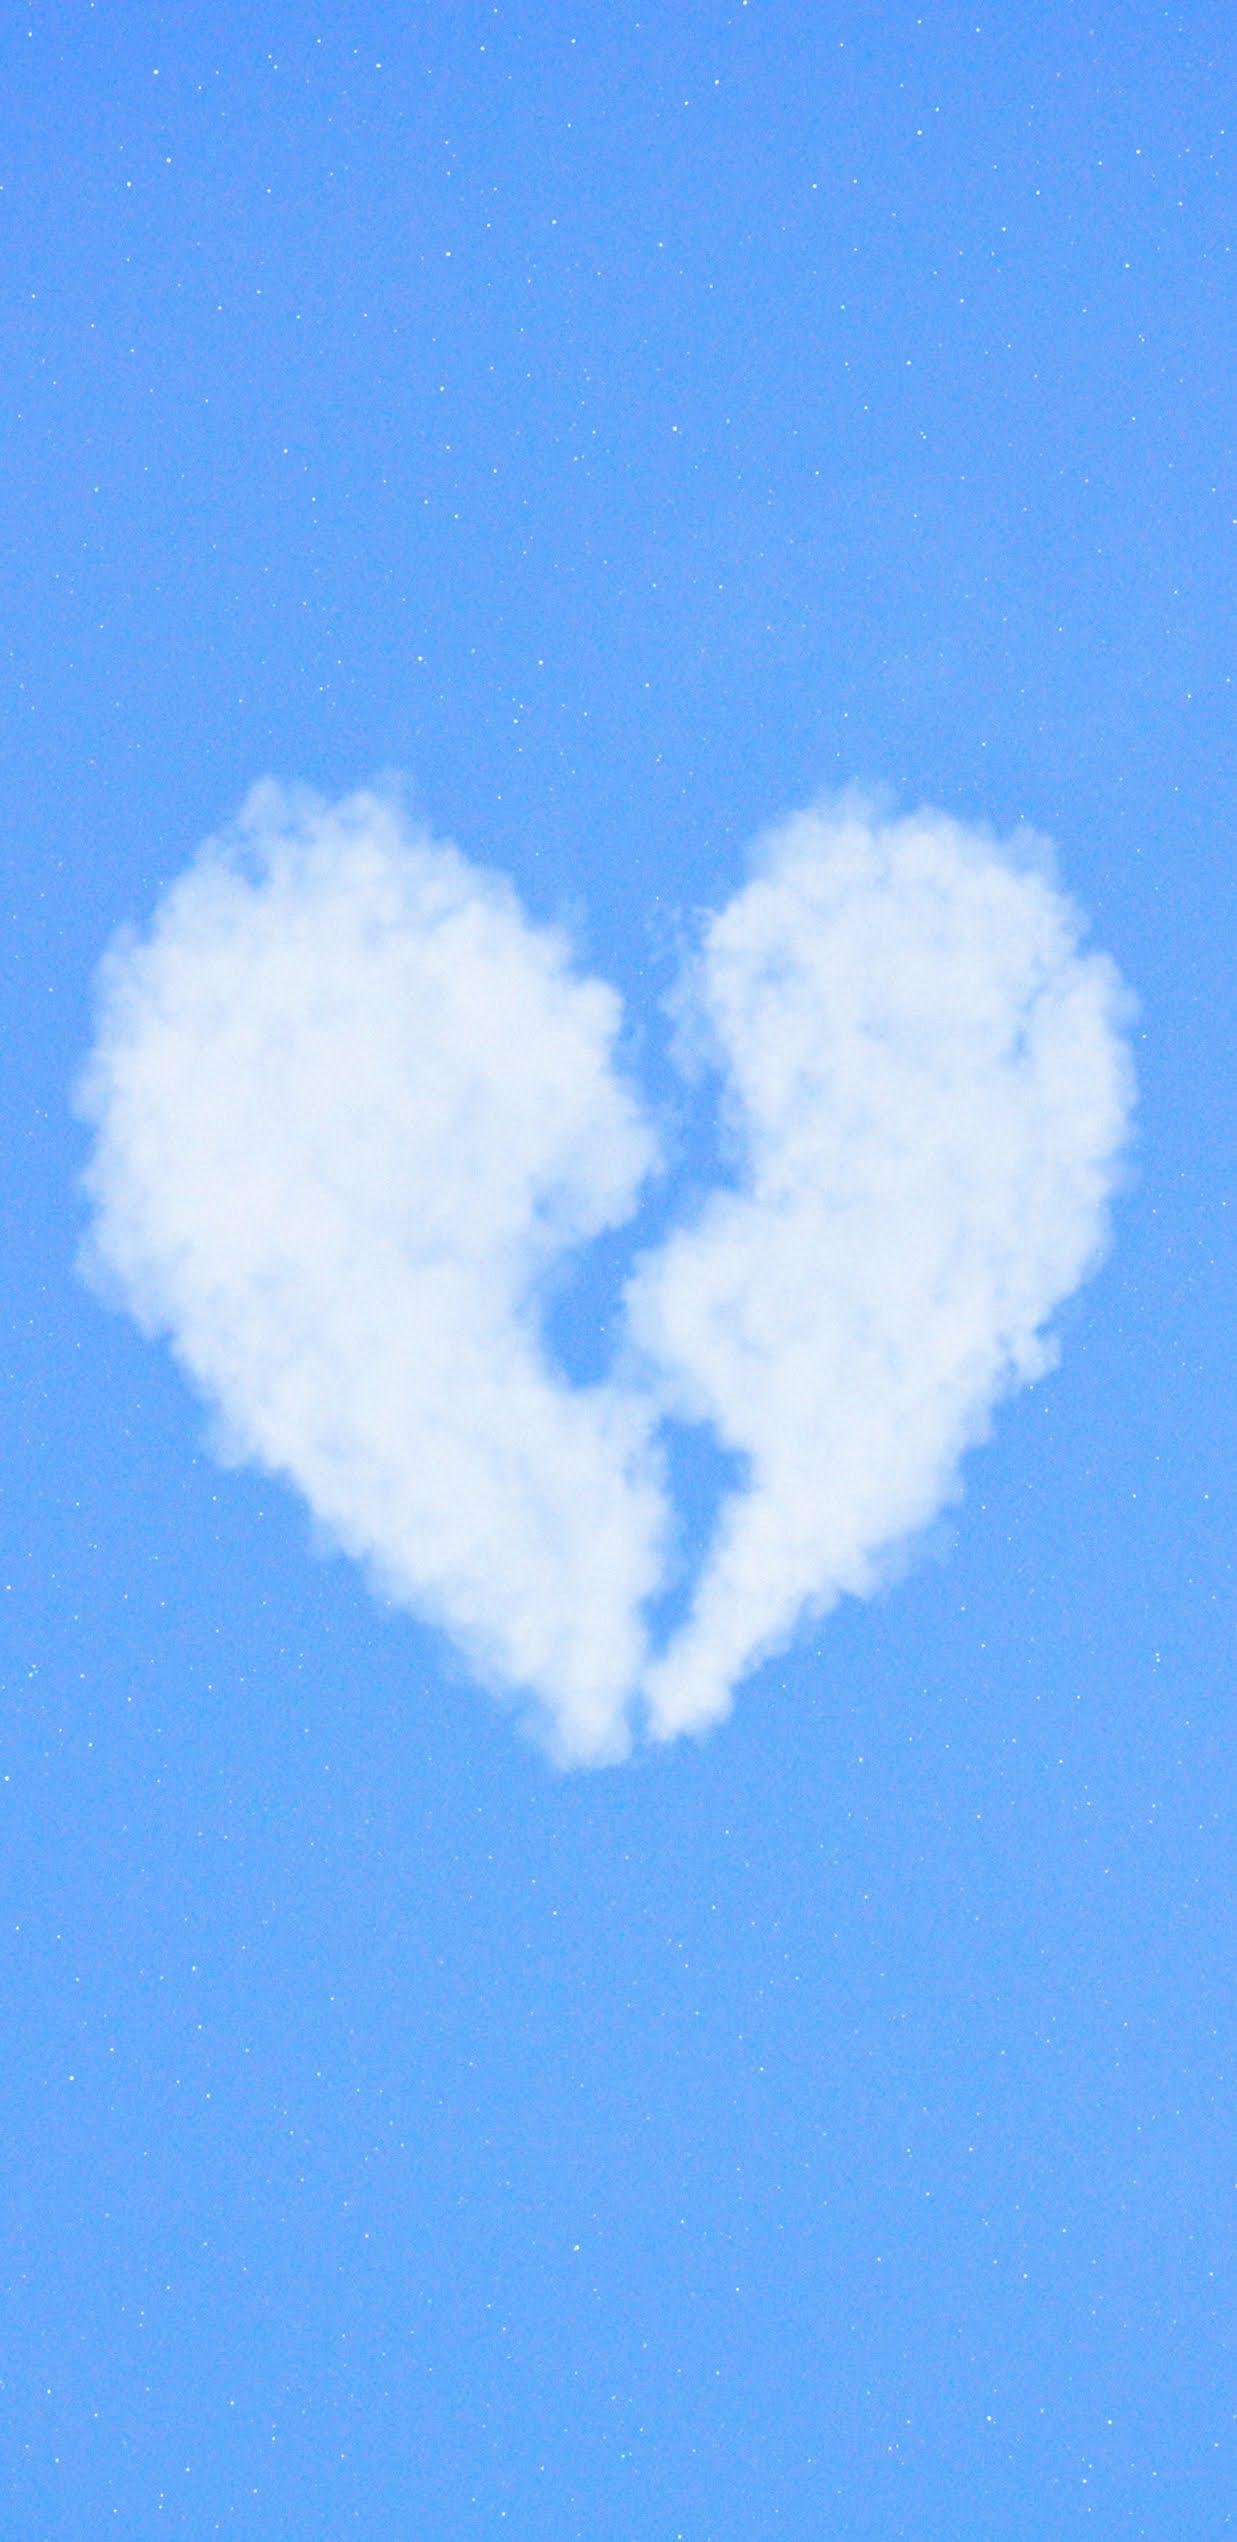 Broken Hearted Blue Sky